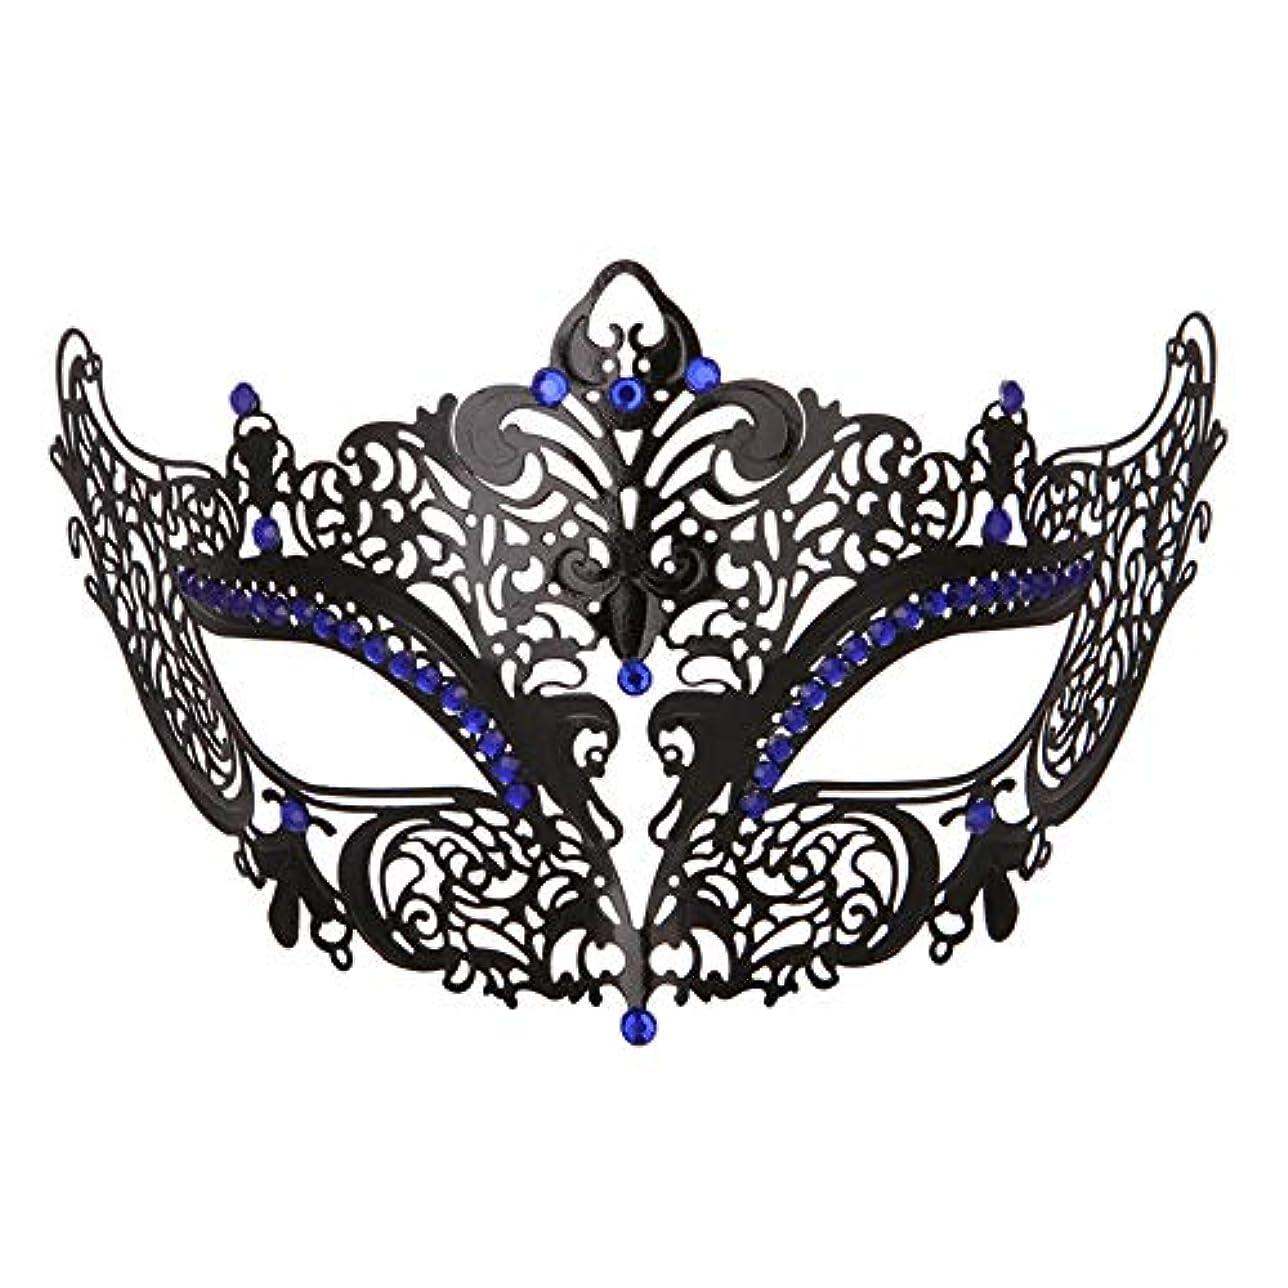 将来の見落とす億ダンスマスク 高級金属鉄マスク女性美少女中空ハーフフェイスファッションナイトクラブパーティー仮面舞踏会マスク ホリデーパーティー用品 (色 : 青, サイズ : 19x8cm)